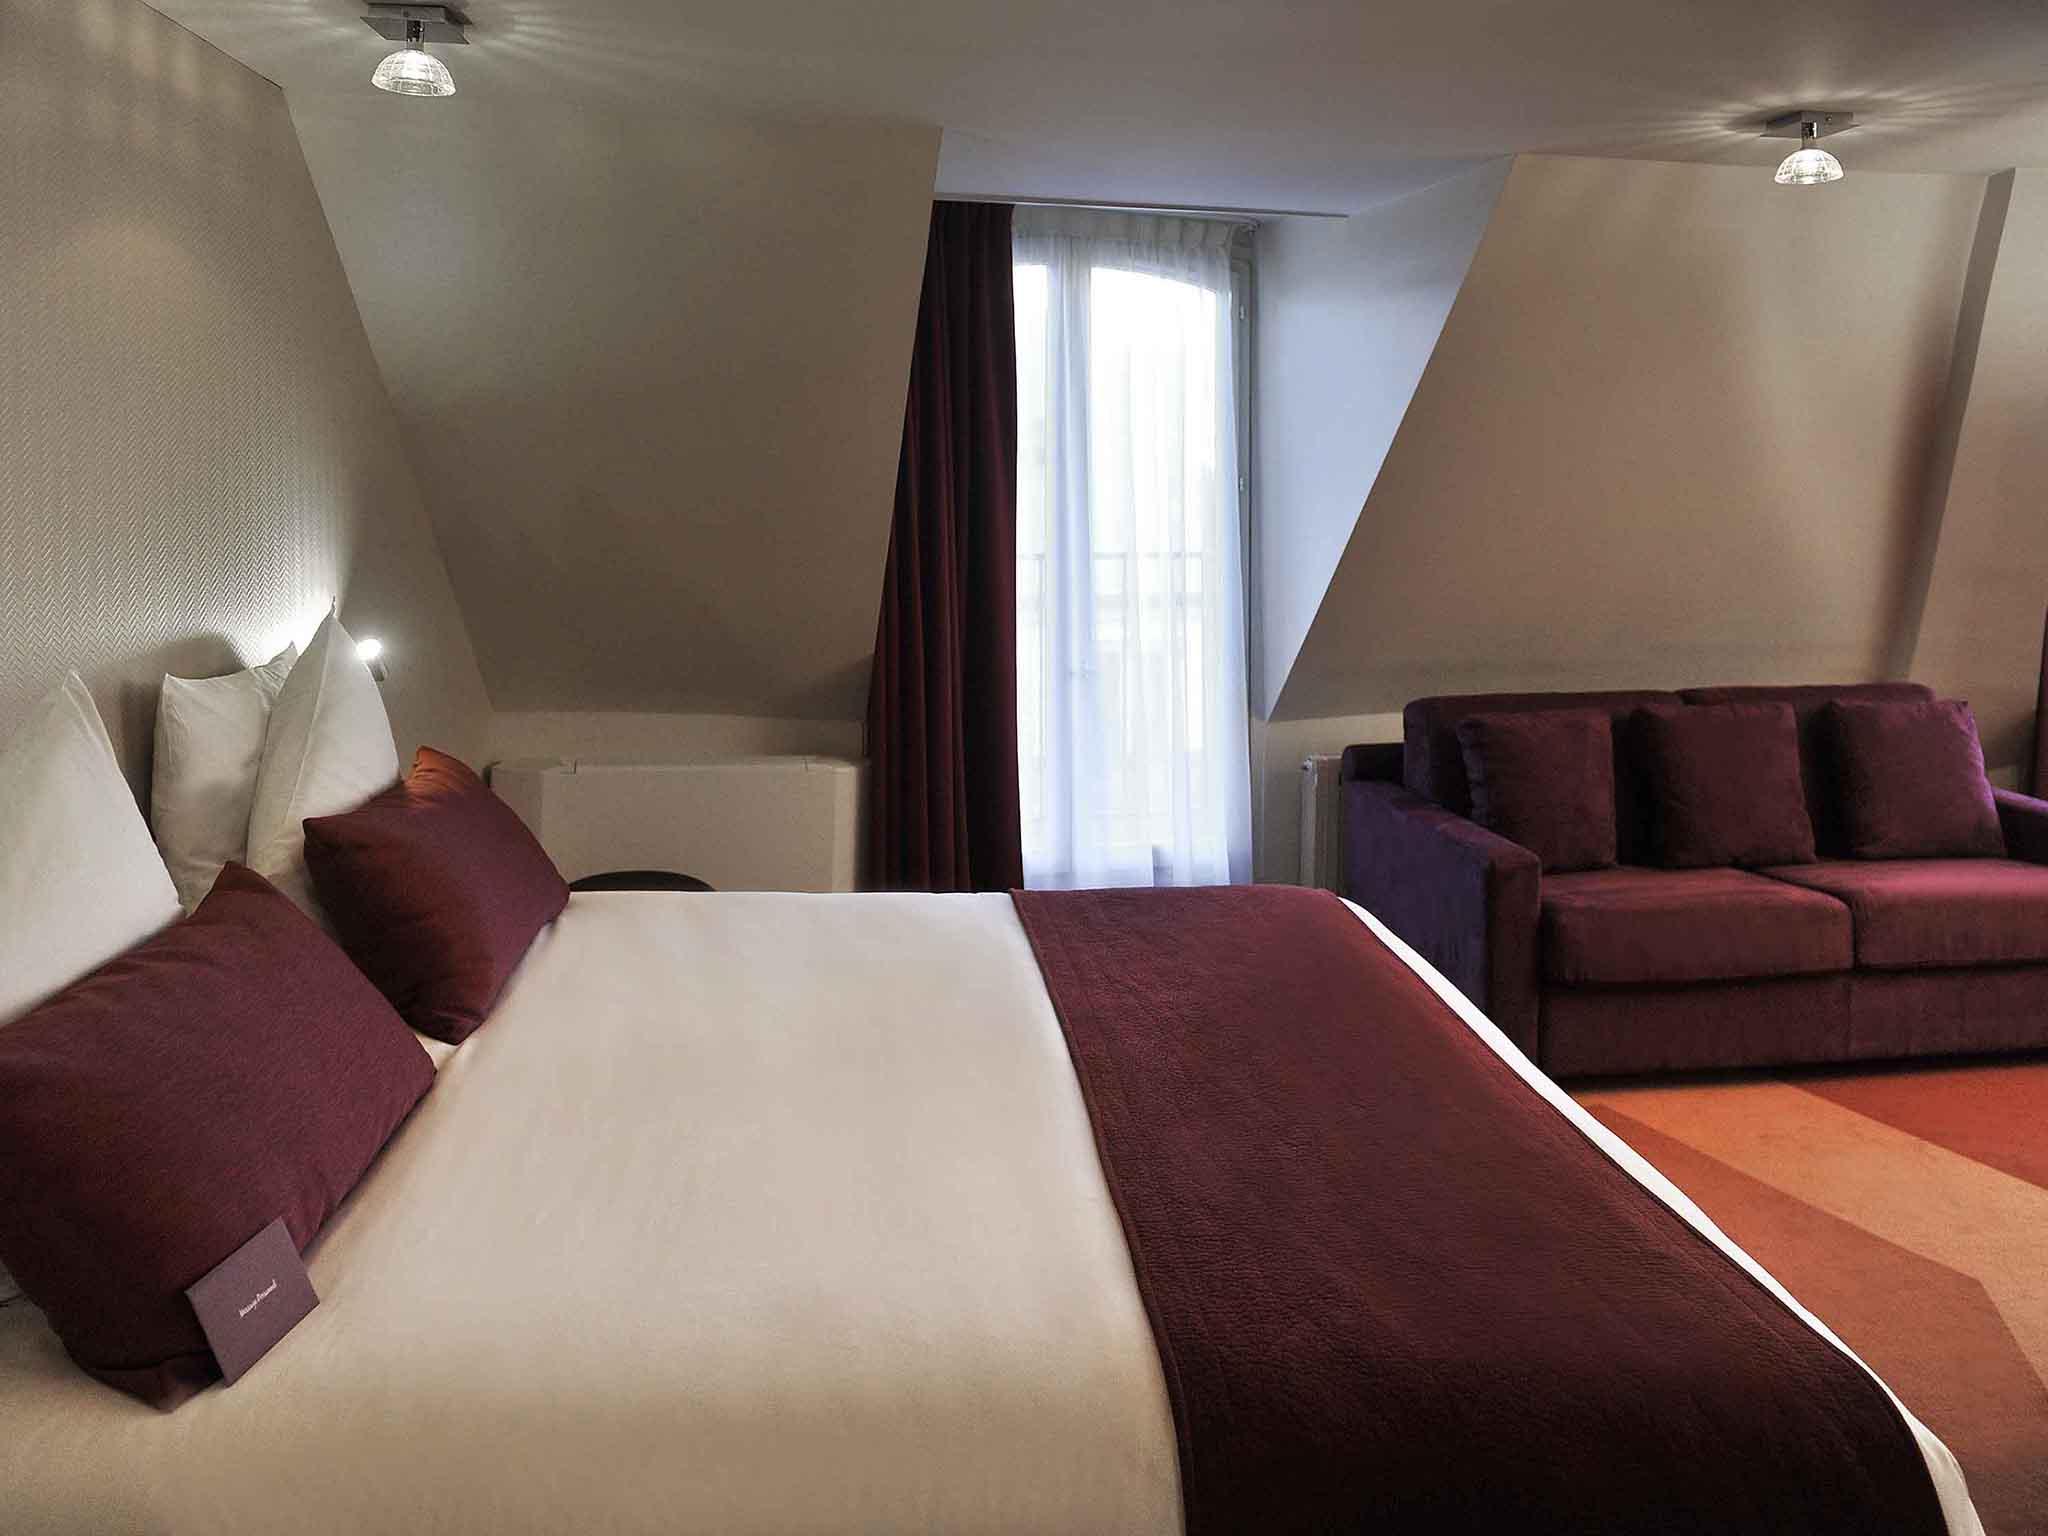 酒店 – 巴黎拉斐特歌剧院美居酒店